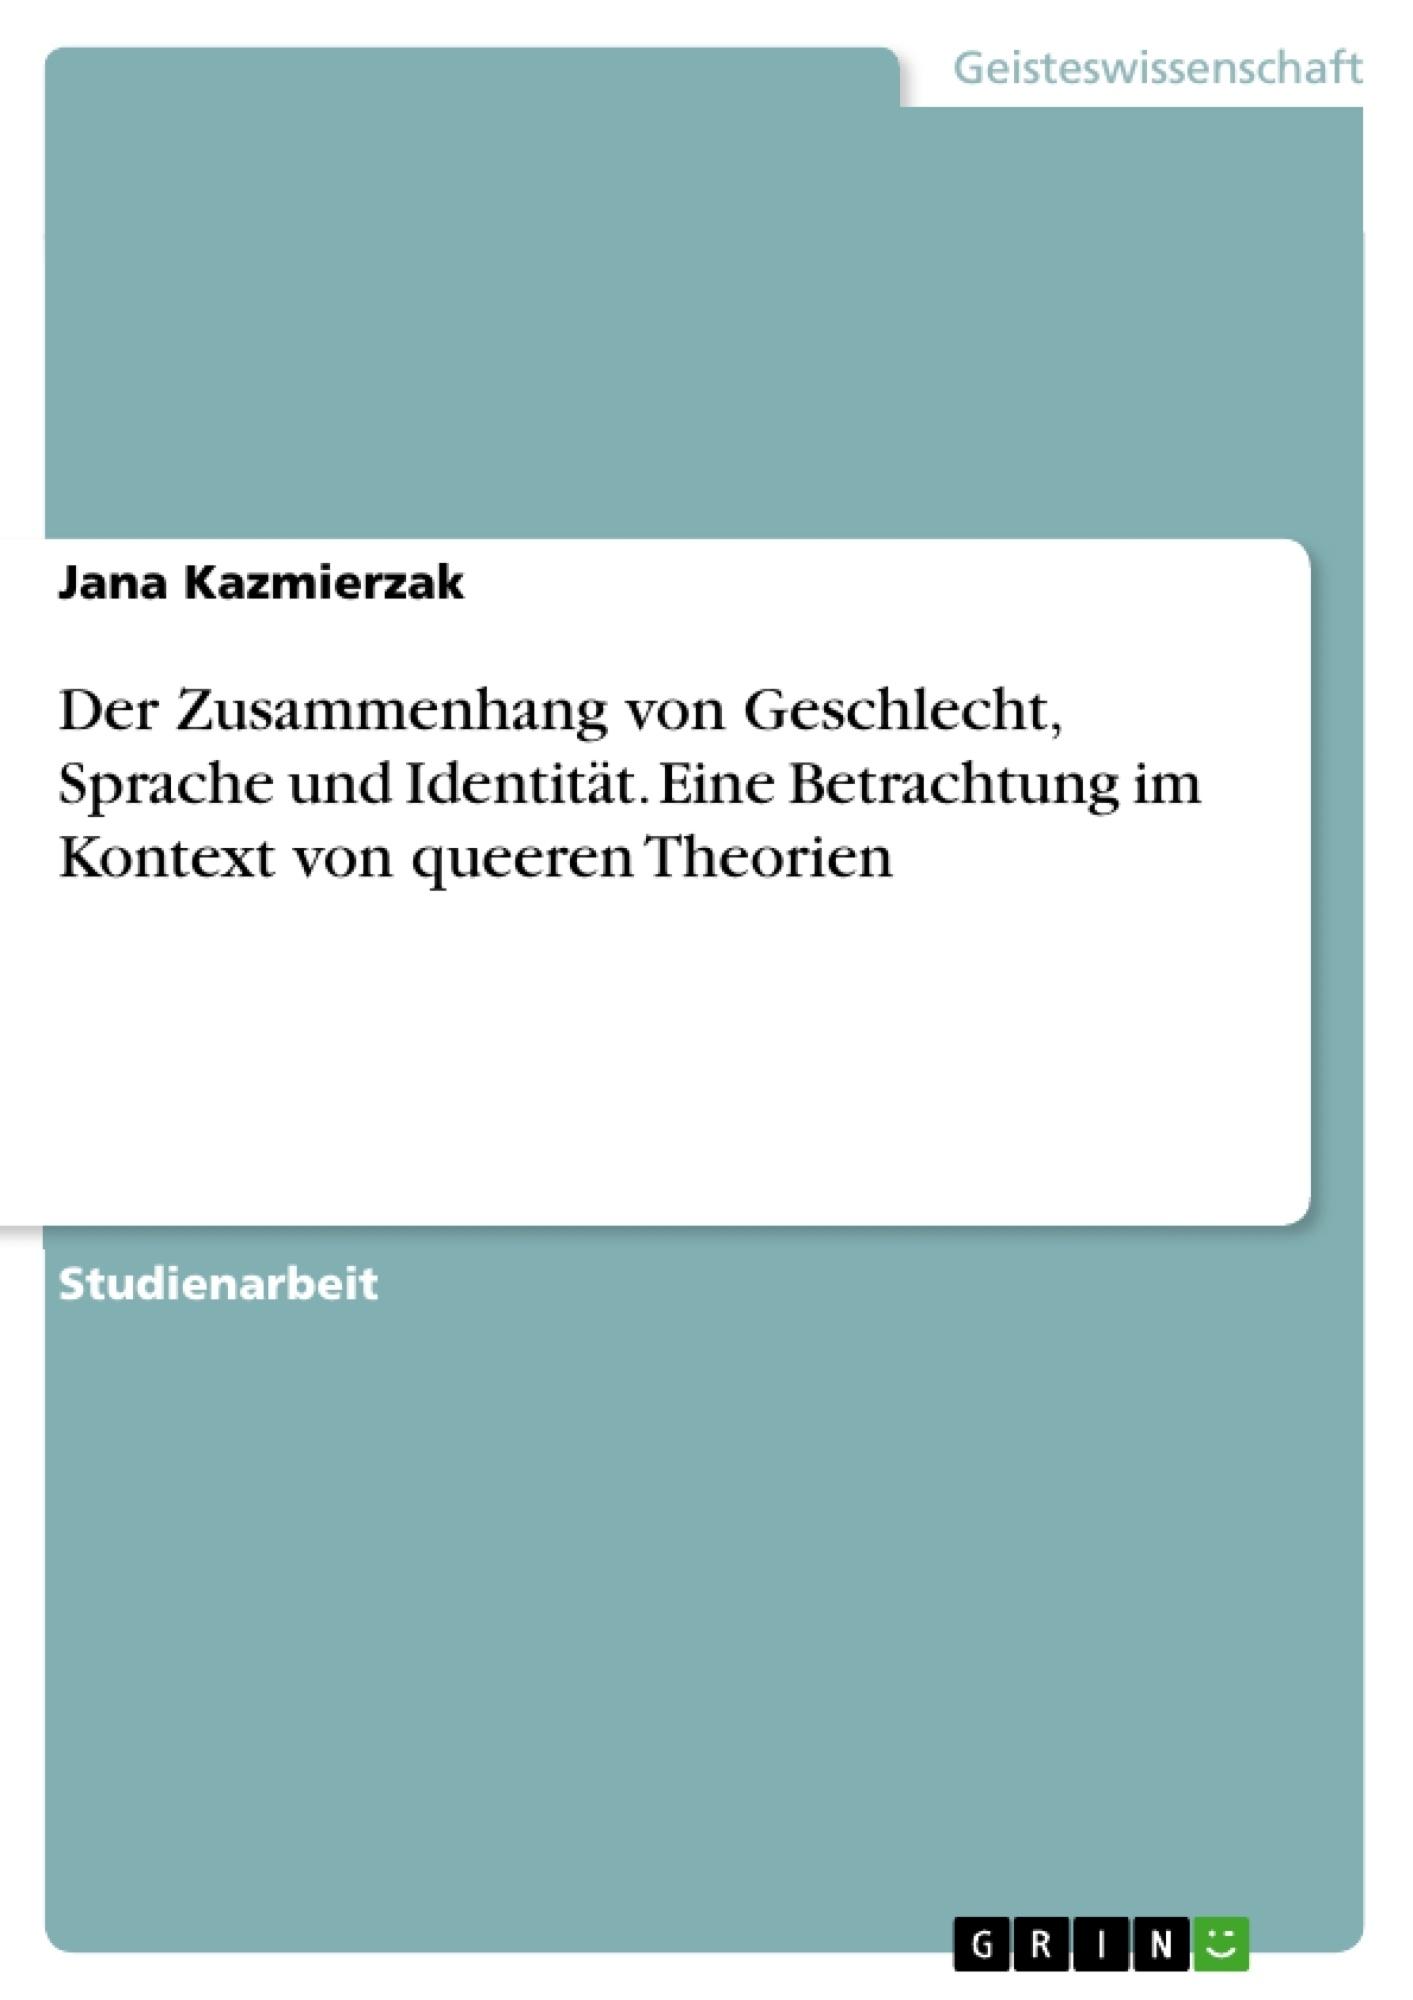 Titel: Der Zusammenhang von Geschlecht, Sprache und Identität. Eine Betrachtung im Kontext von queeren Theorien